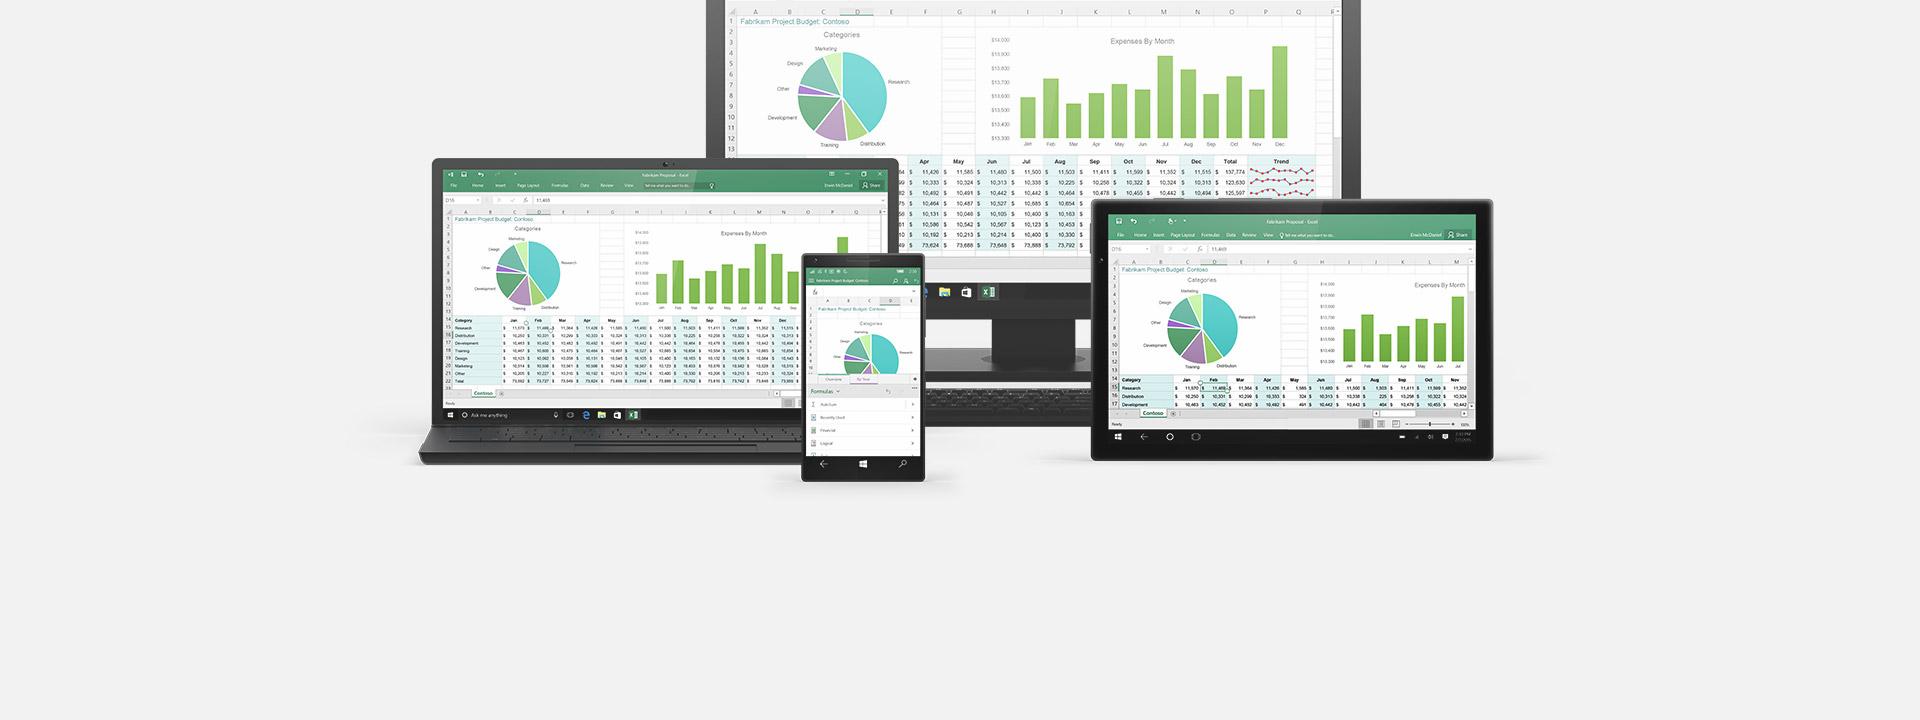 Na više uređaja, saznajte o sustavu Office 365